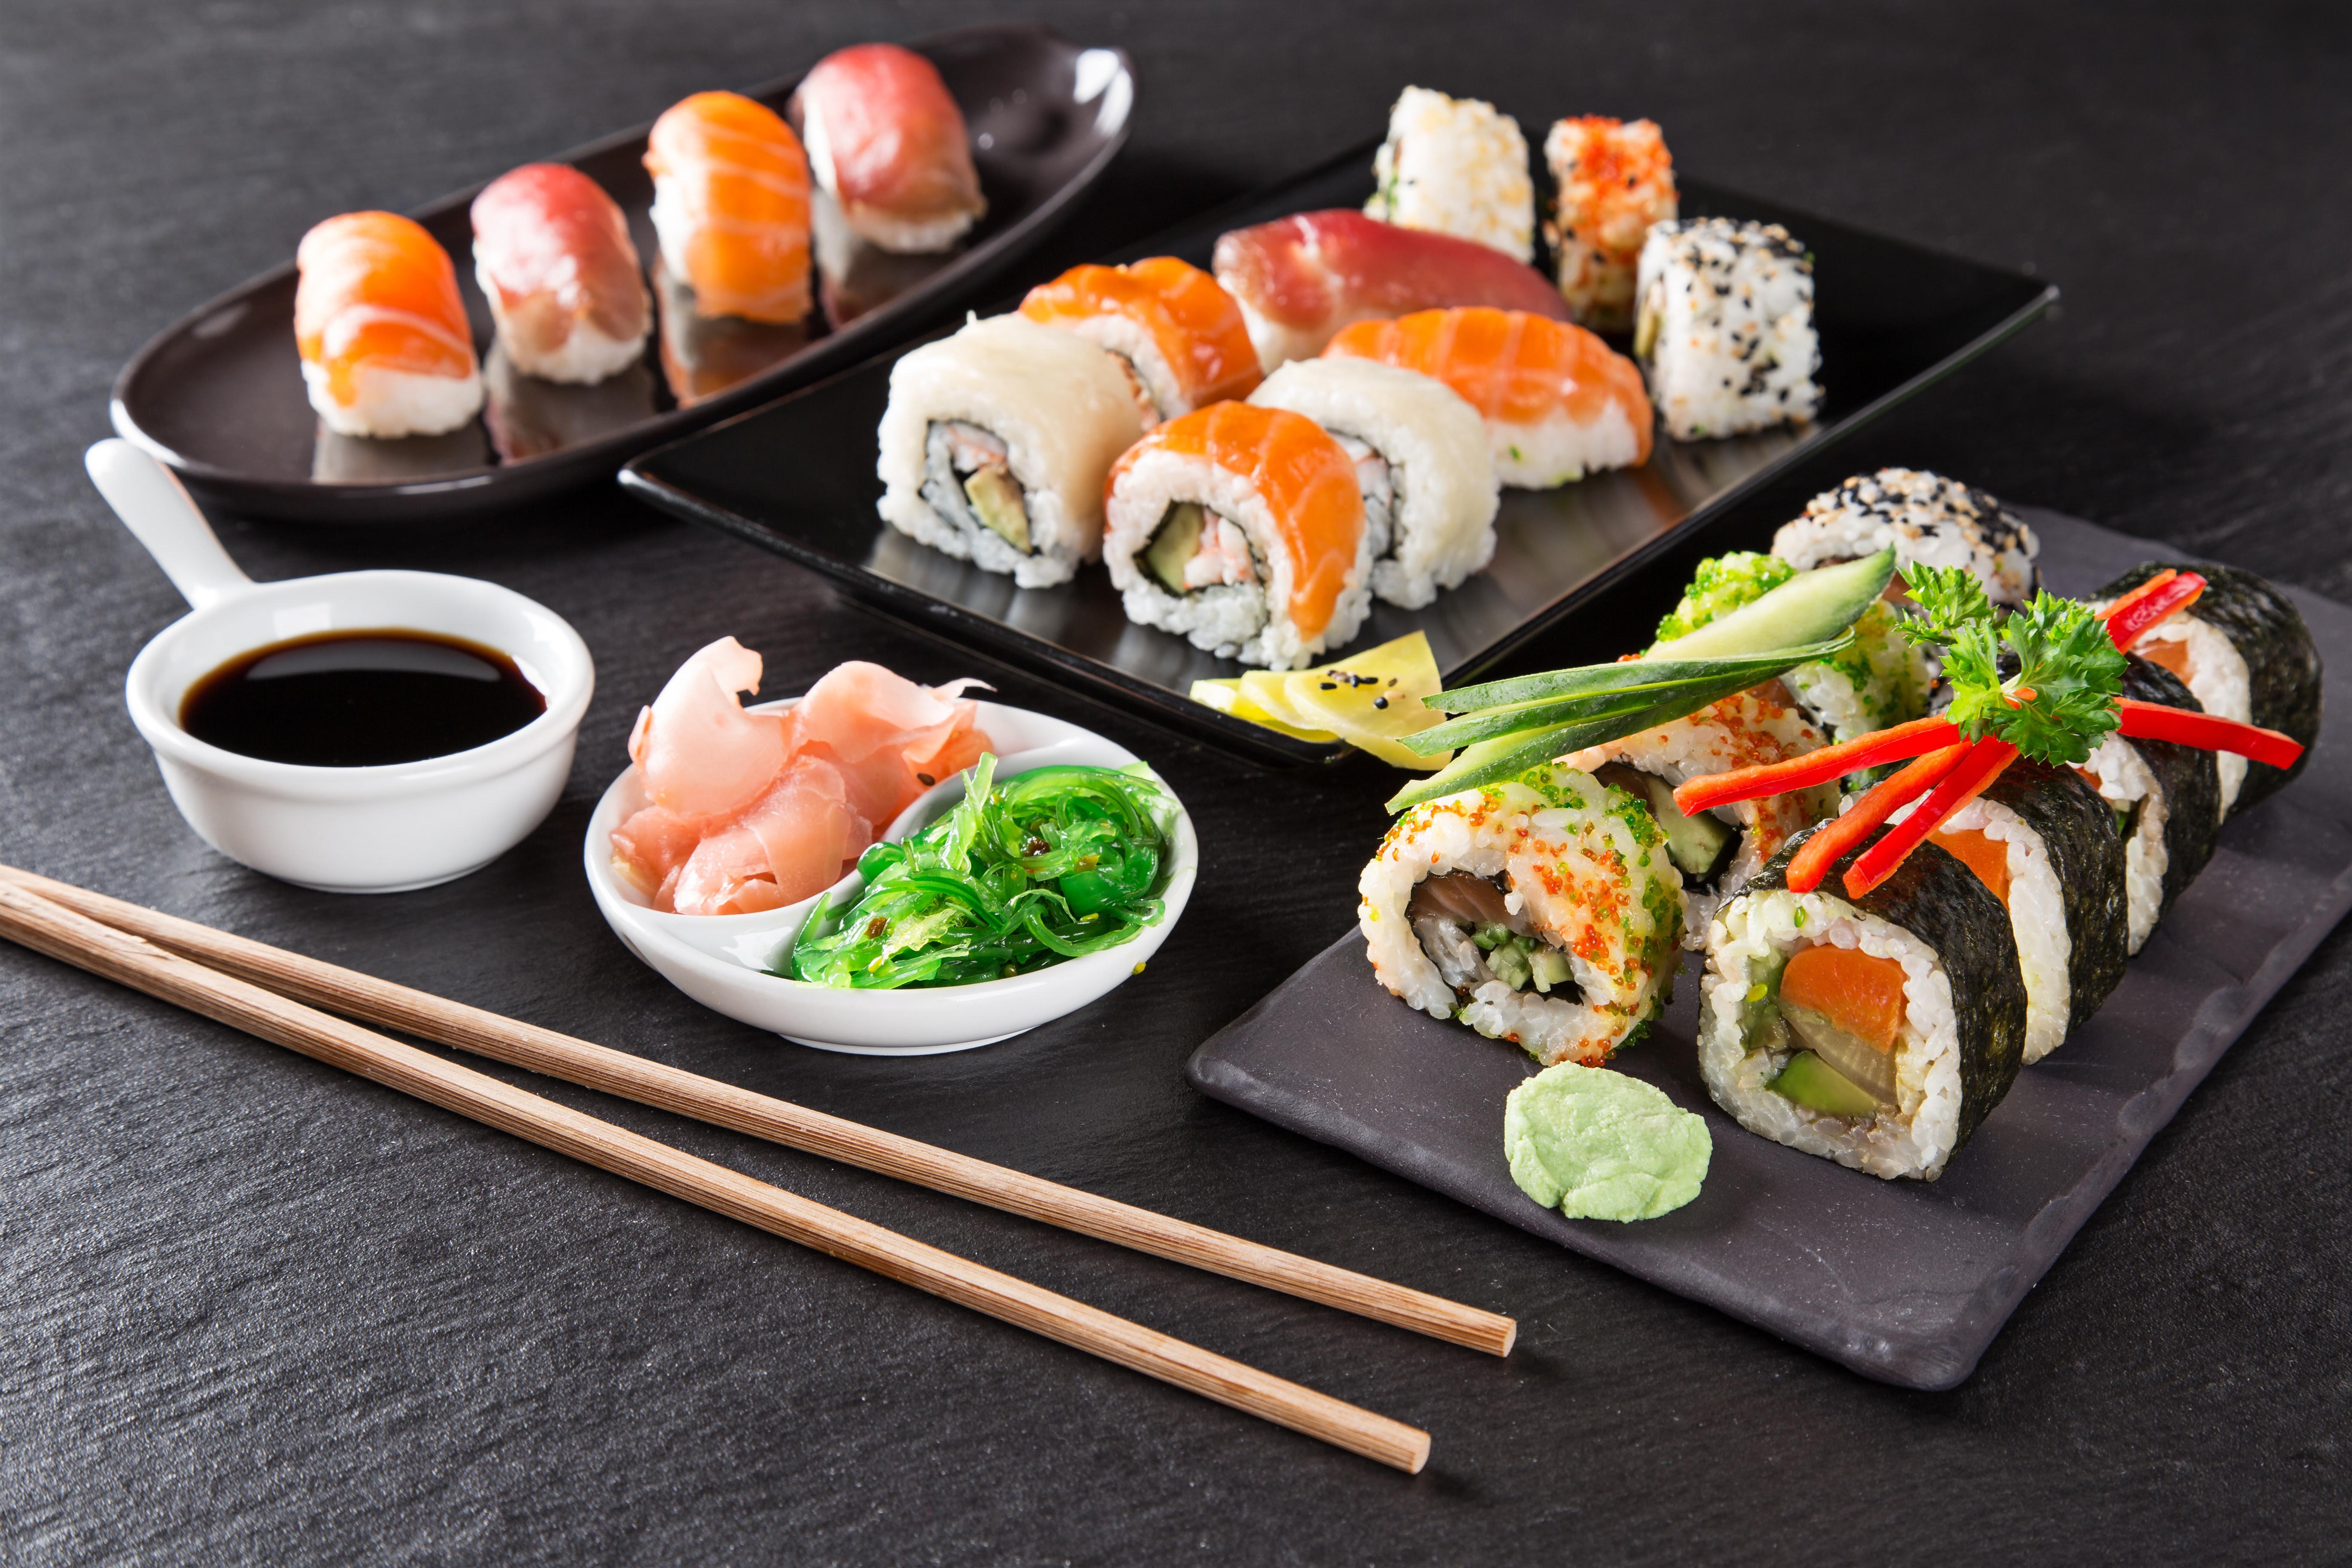 Hanakawa Steak Sushi